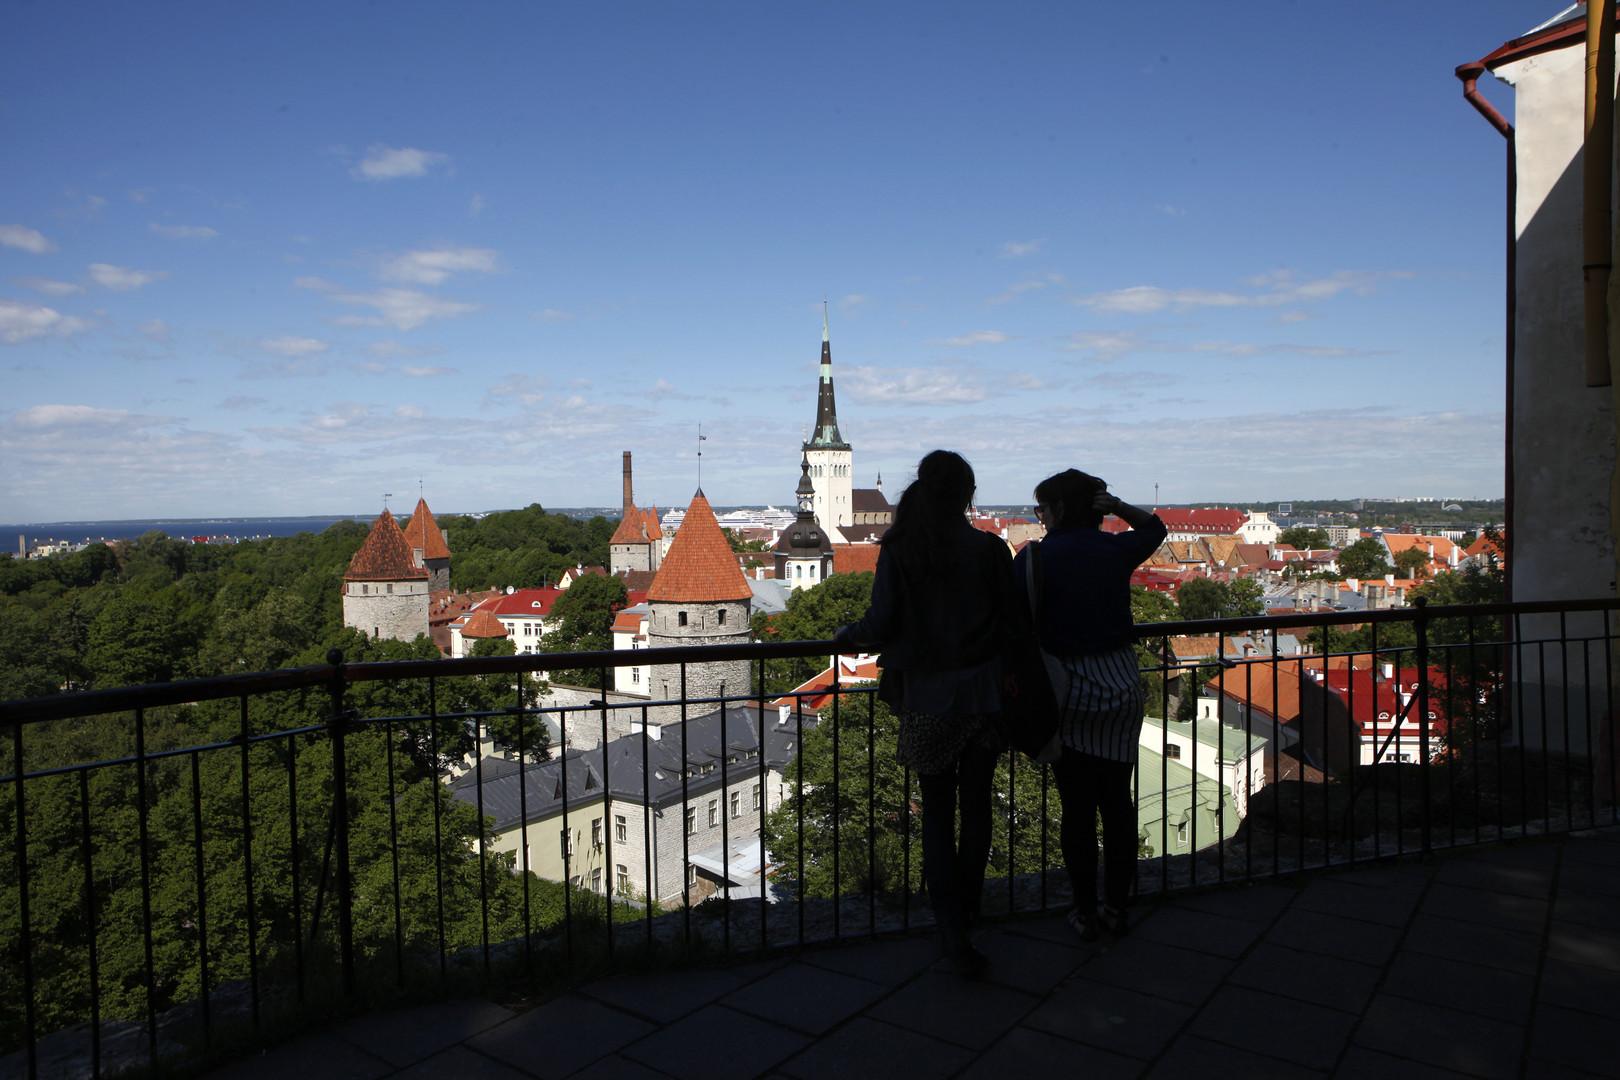 Эстония переезжает: в Британии создадут виртуальную копию республики на случай атаки РФ